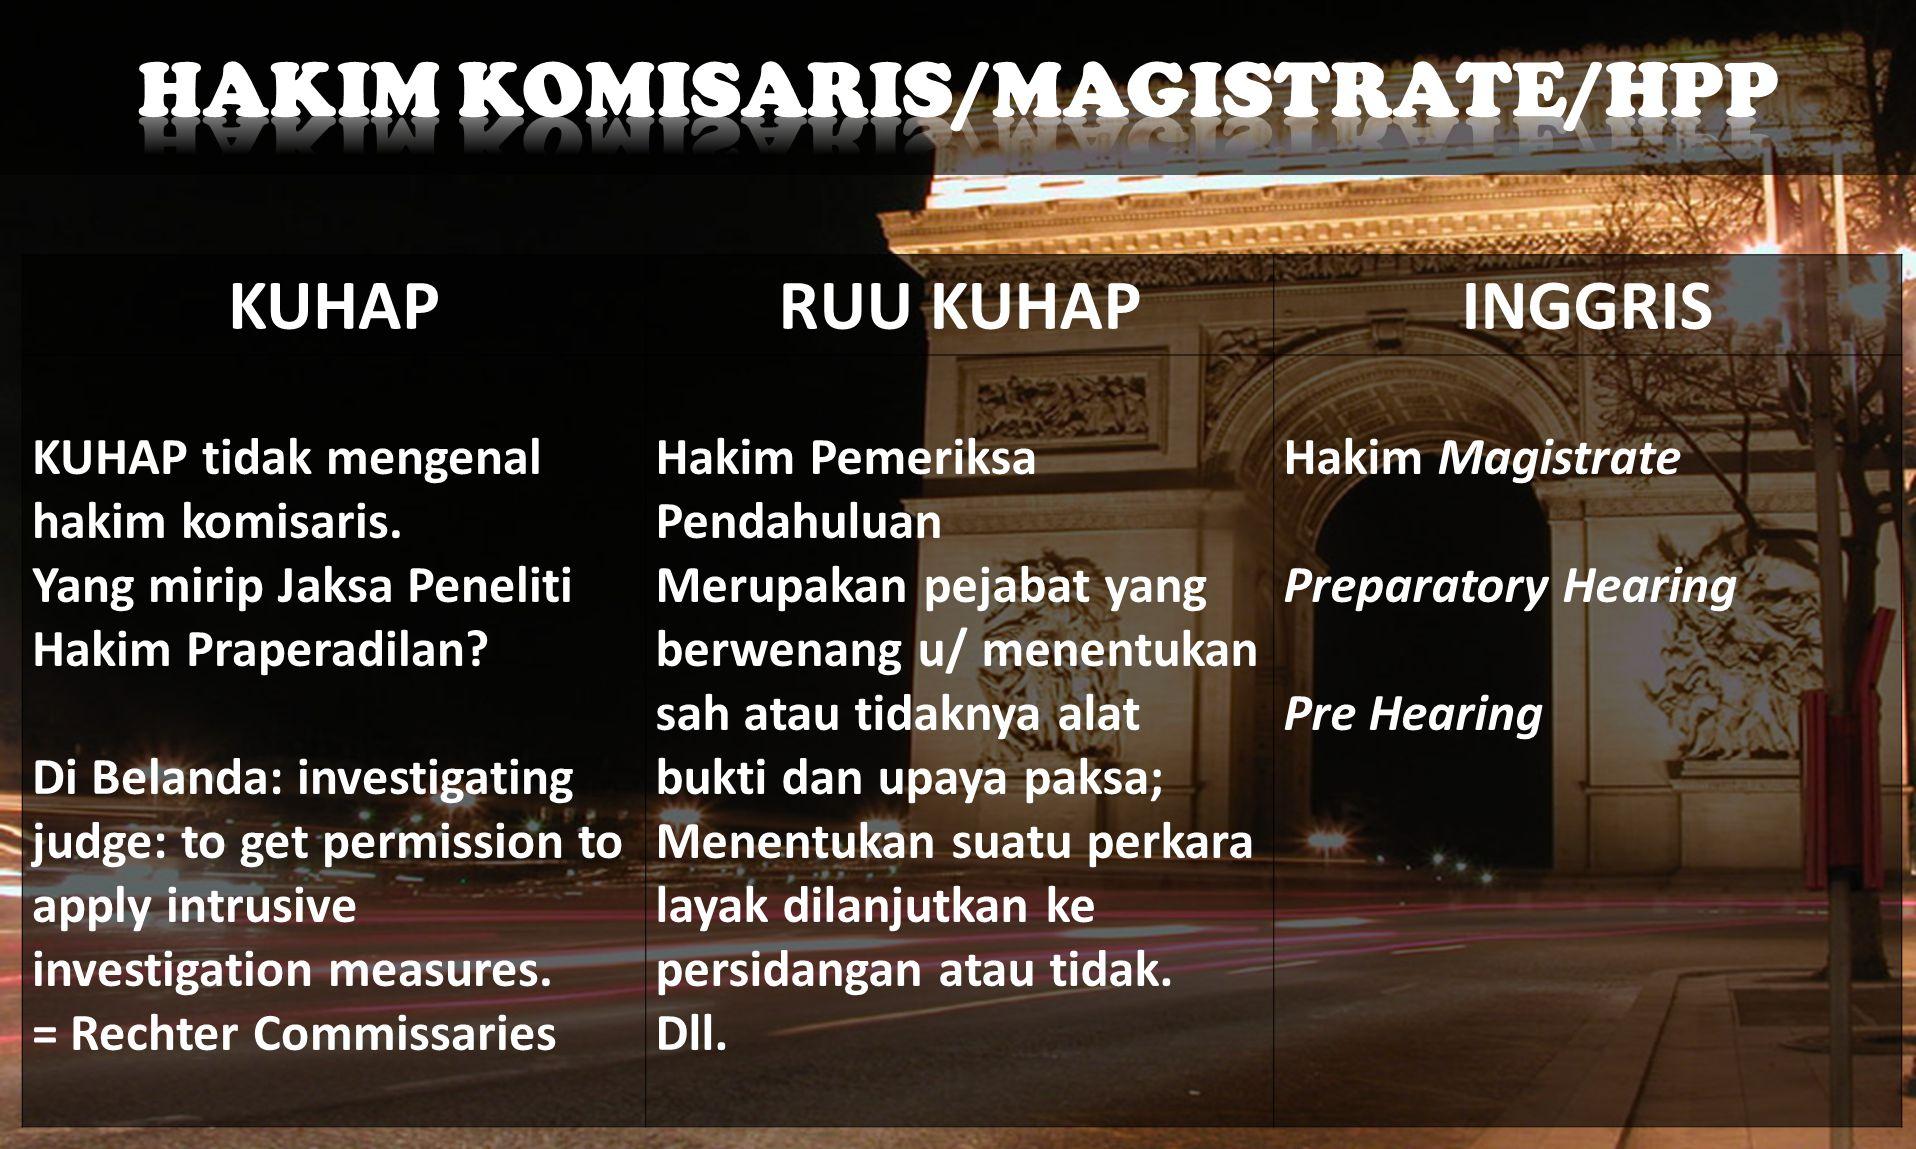 JERMANPRANCISRUSIA a)Keterangan saksi b)Keterangan ahli c)Keterangan terdakwa d)Surat e)Tidak ada AB Petunjuk. a.Pengakuan pihak terkait yang dinilai